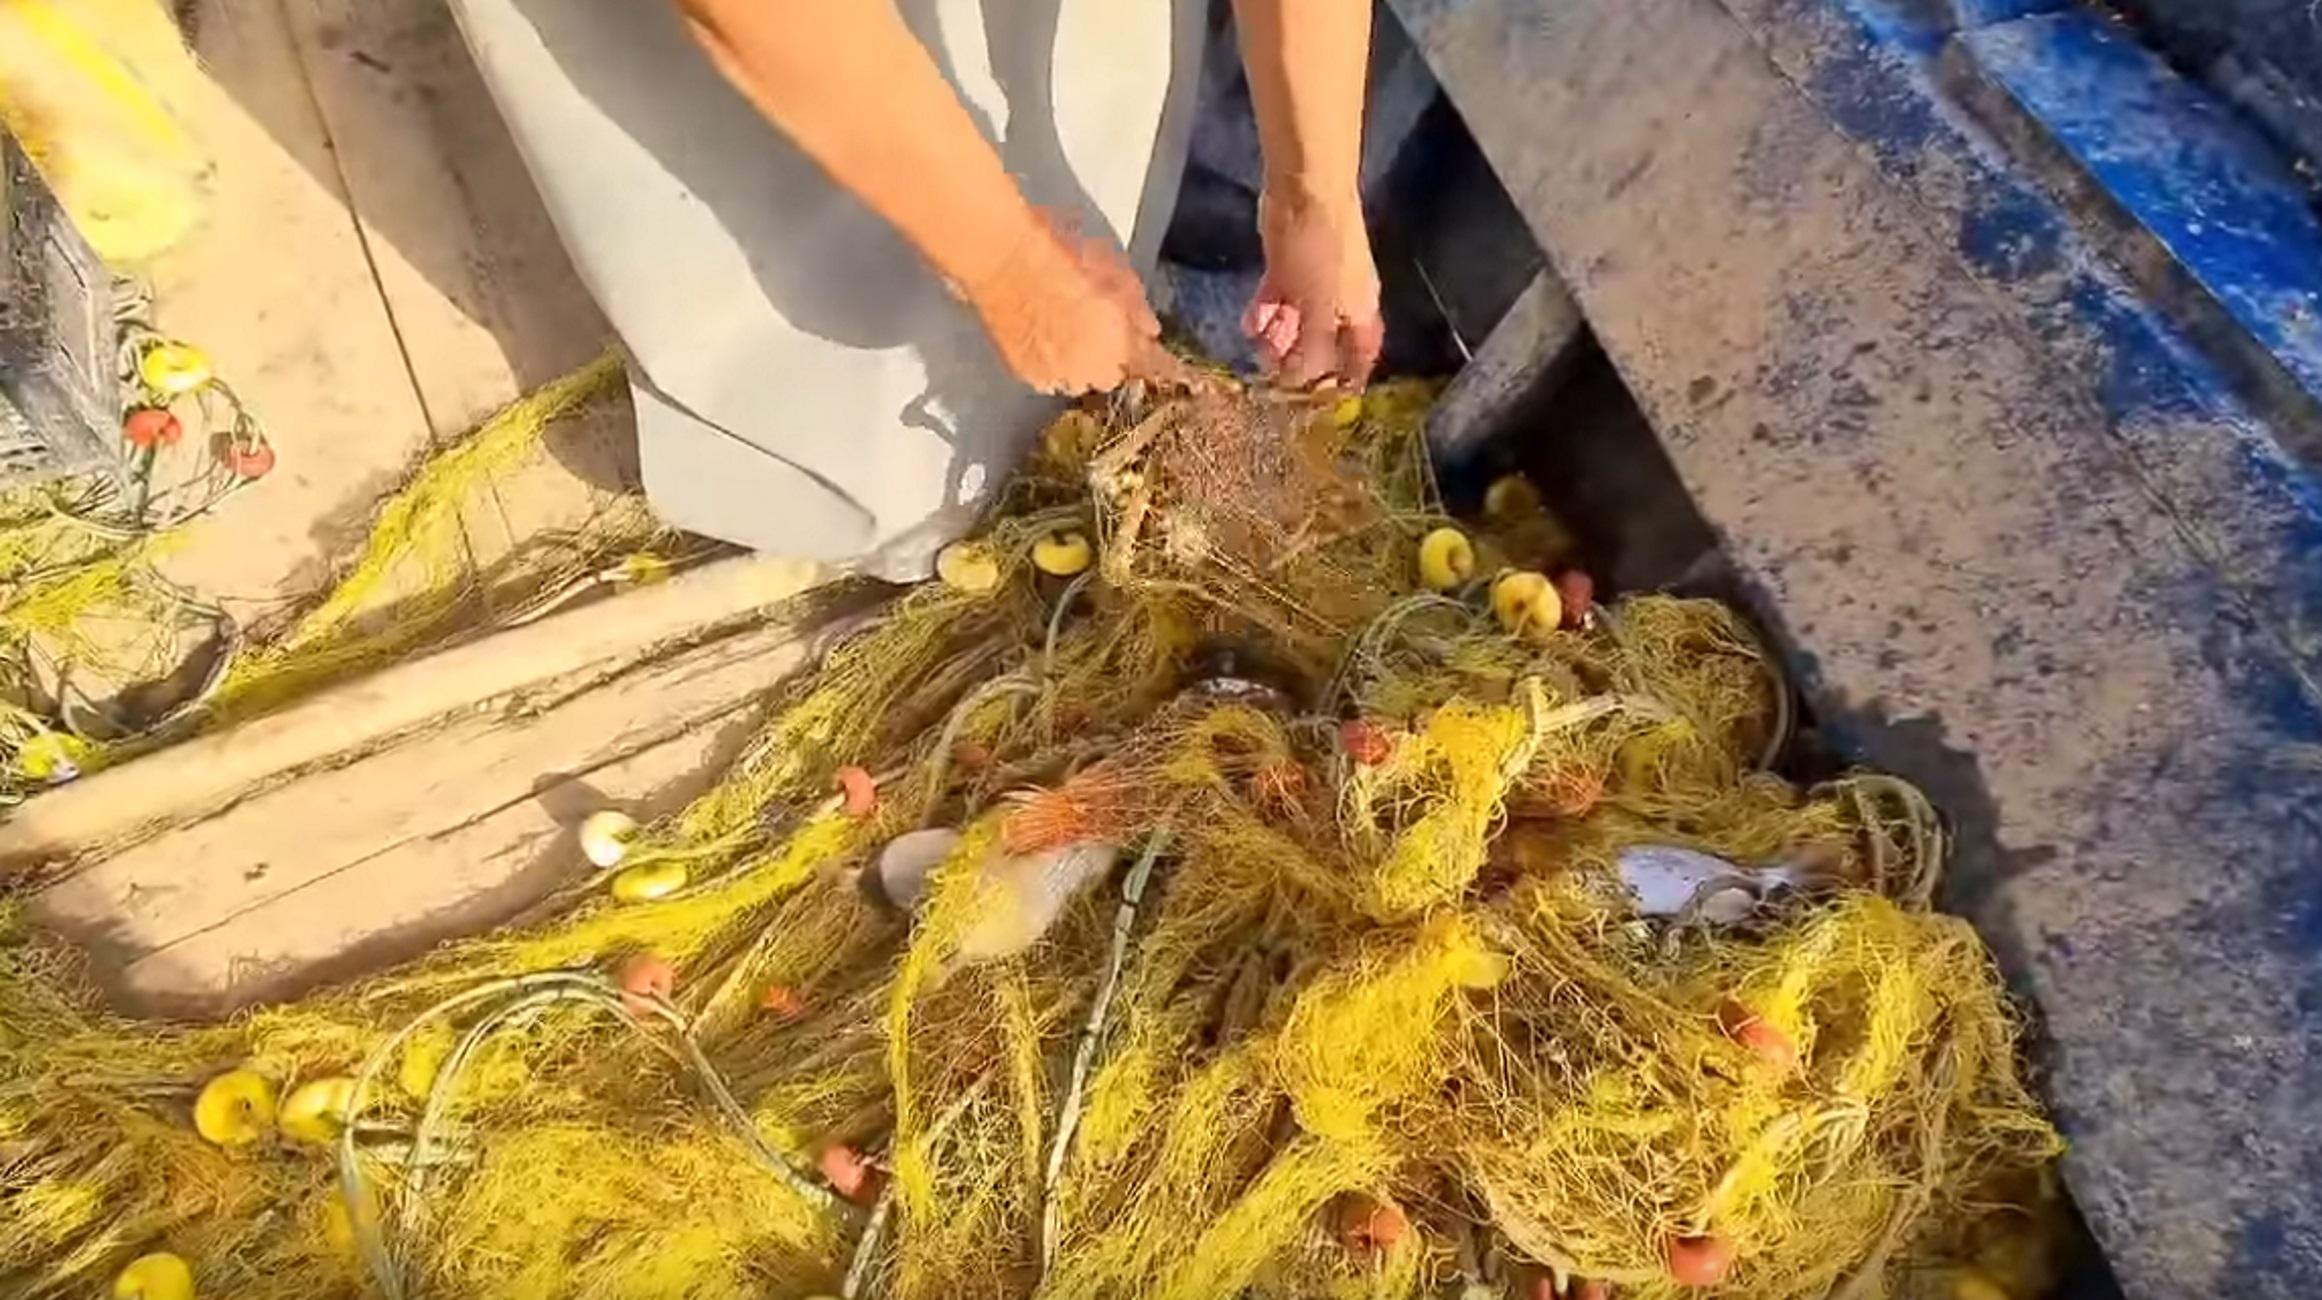 Κρήτη: Κοίταξε τα δίχτυα και κατάλαβε αμέσως ότι άξιζε ο κόπος στη θάλασσα (Βίντεο)